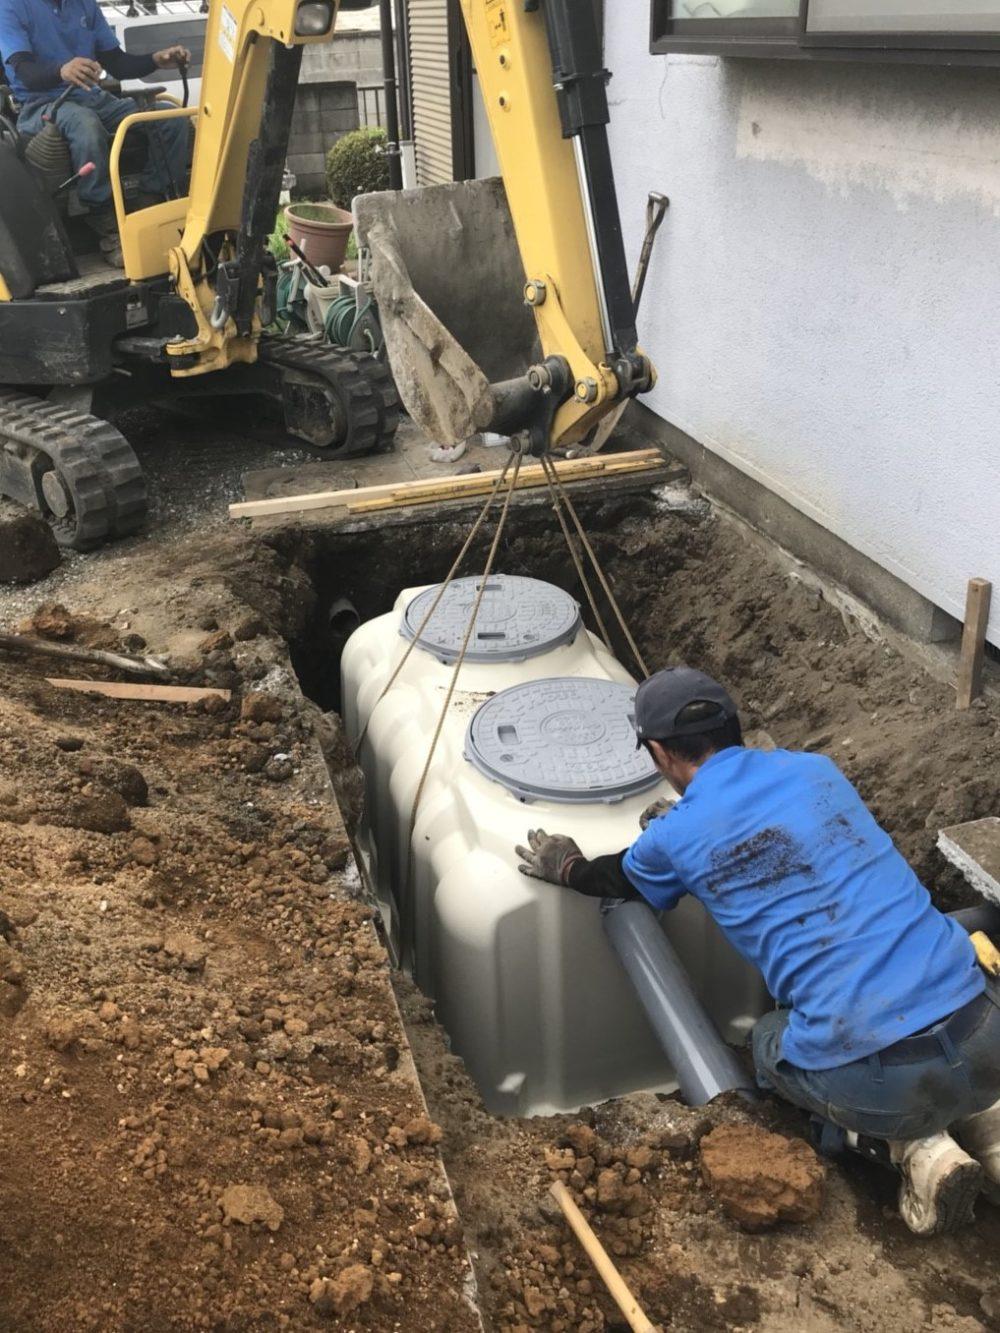 浄化槽の補助金を利用して浄化槽工事中。